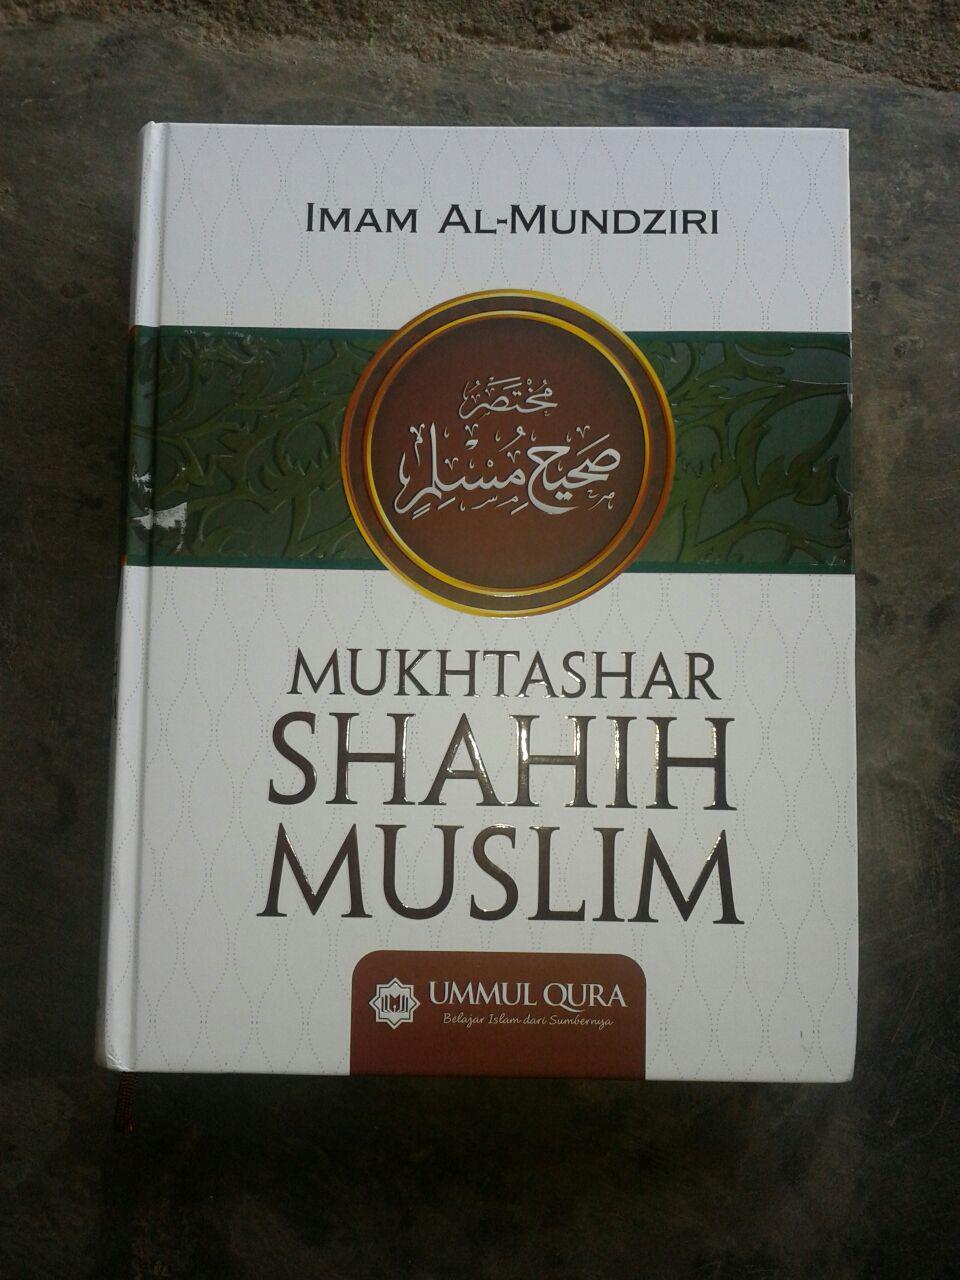 Buku Mukhtashar Shahih Muslim cover